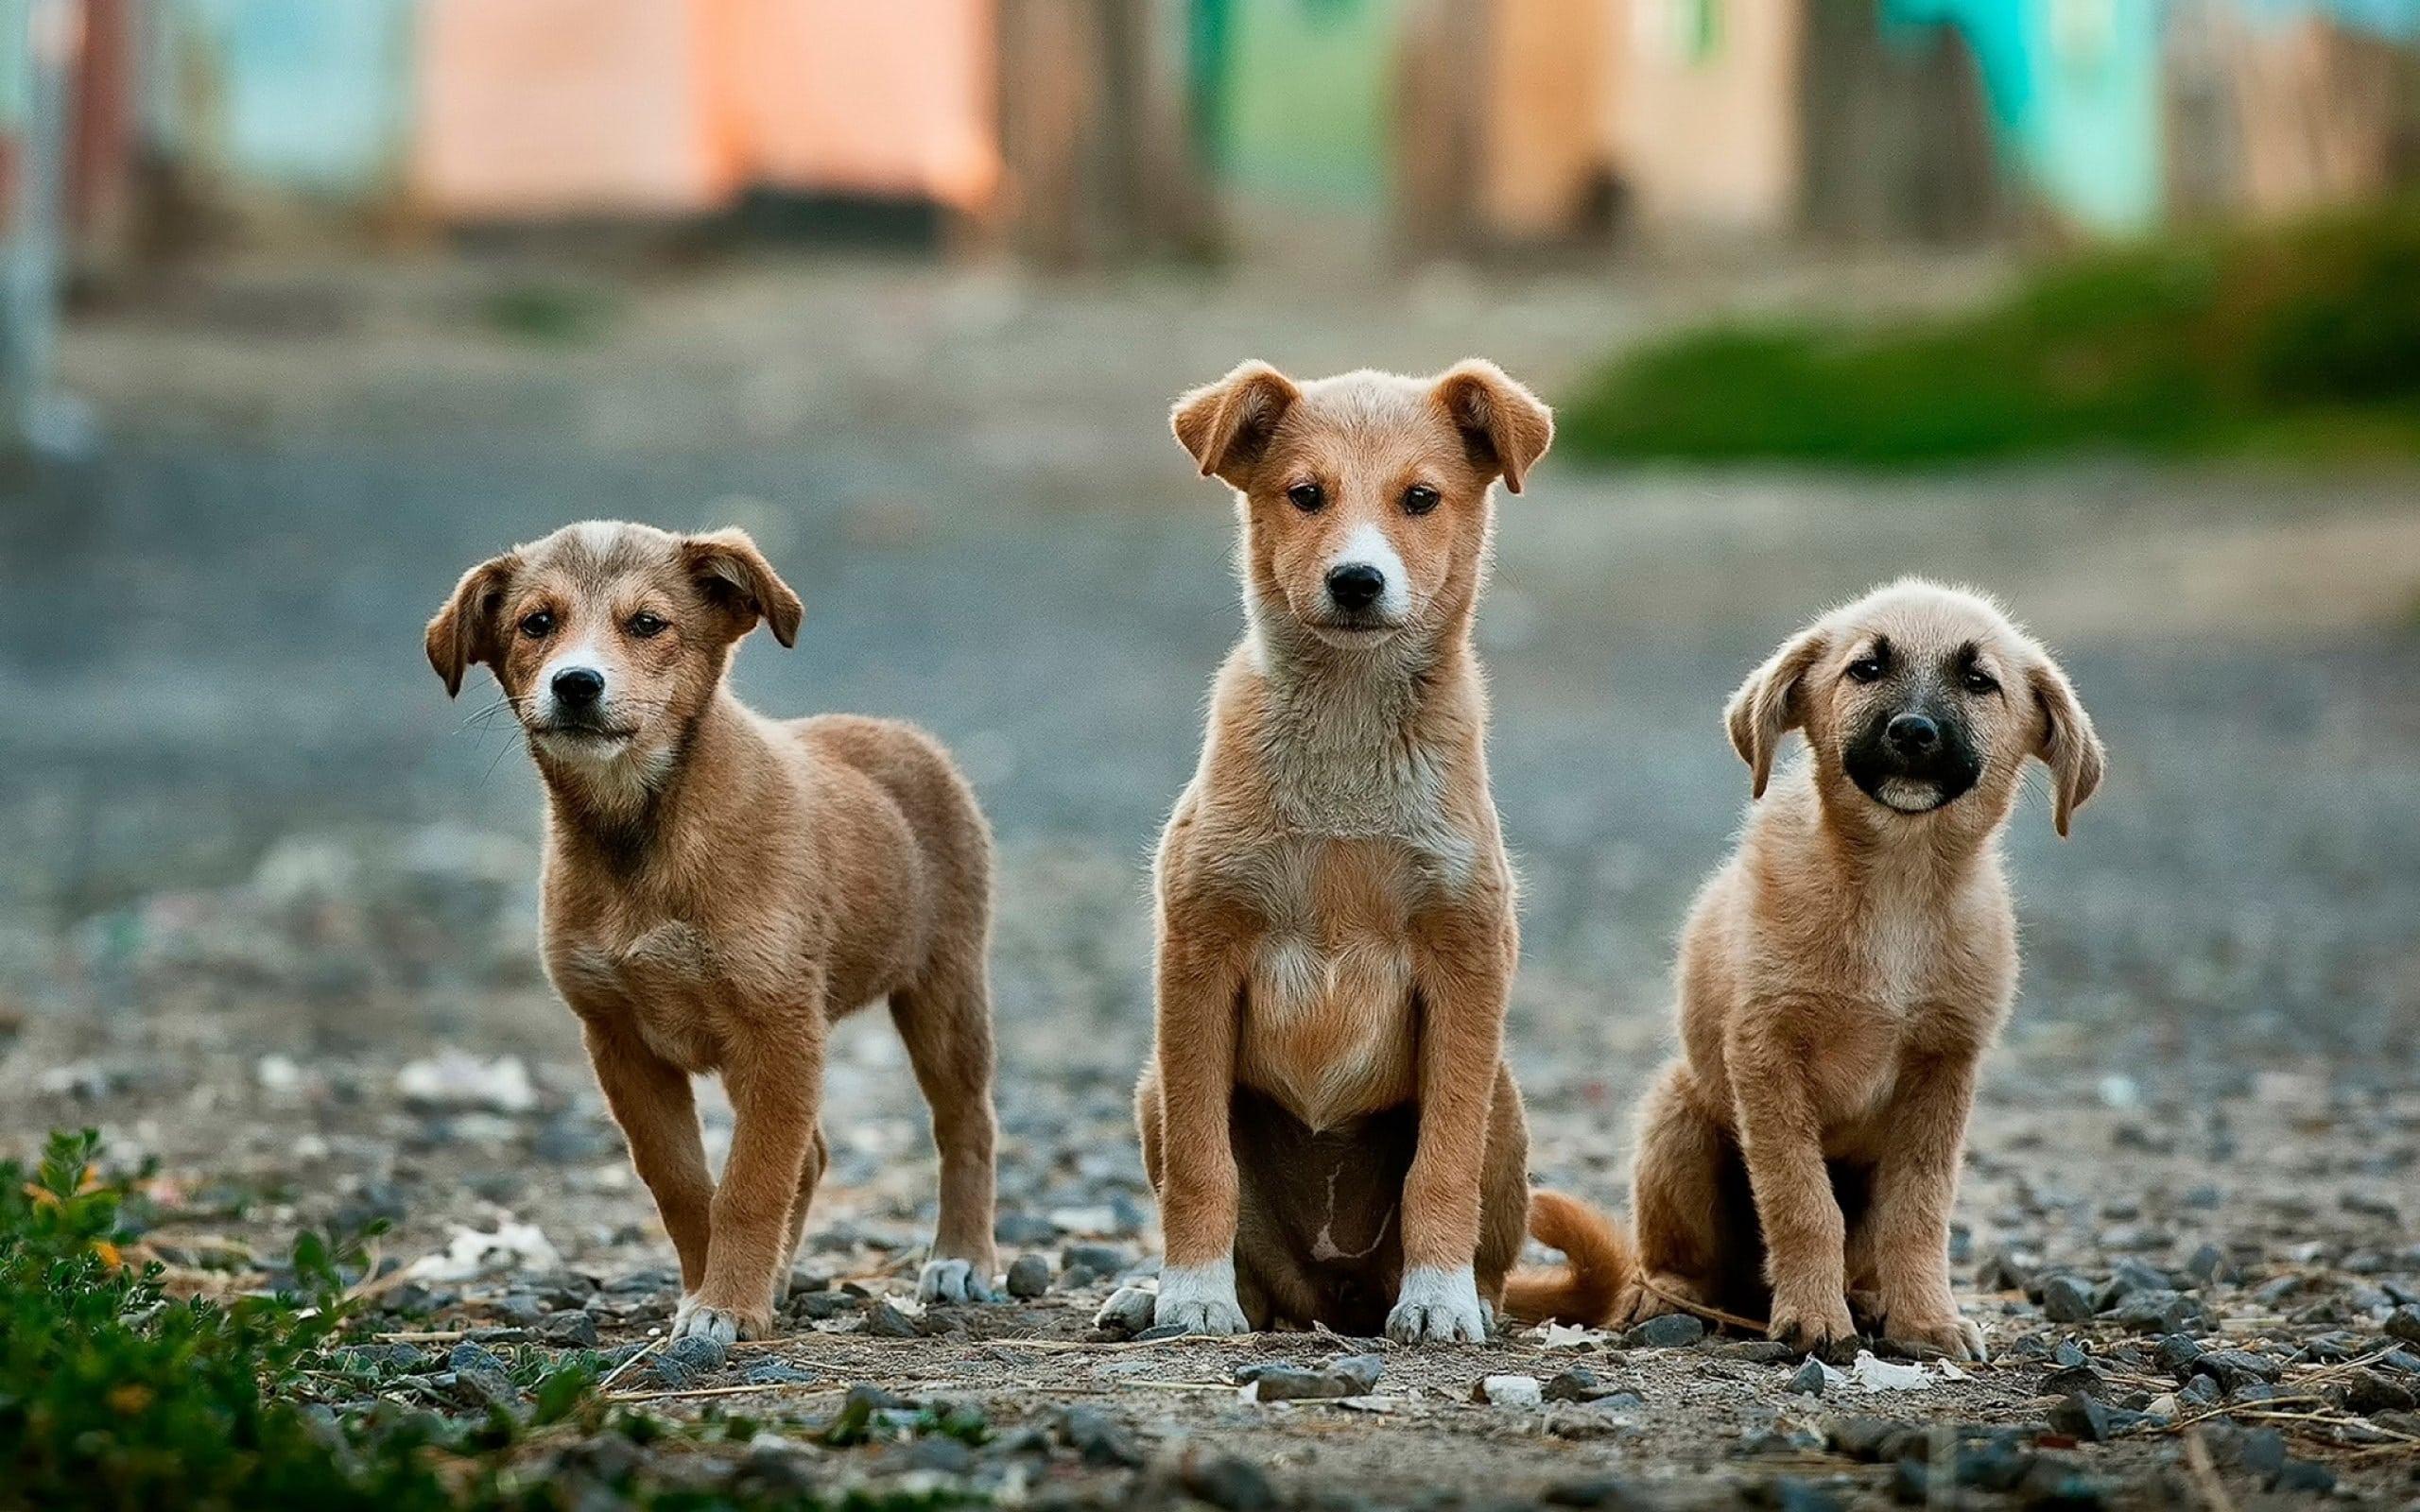 Avez-vous déjà éduqué un chien auparavant ?